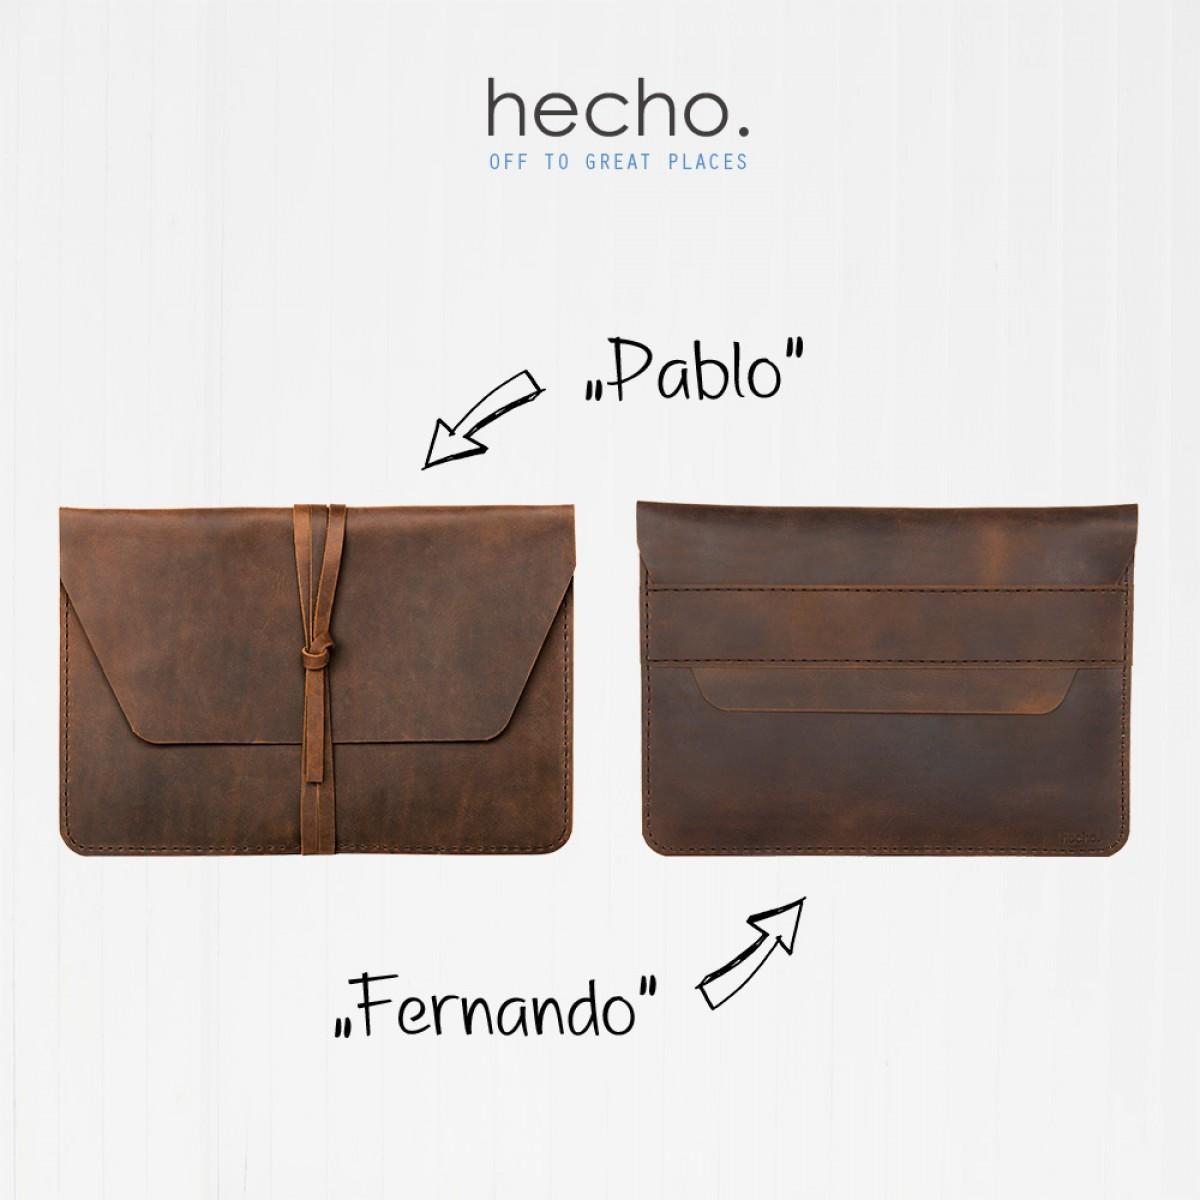 """hecho. Ledertasche """"Fernando"""" für MacBook Pro 15"""" 2016, 2017 & 2018 (Hülle, Cover, Sleeve, Schutz)"""